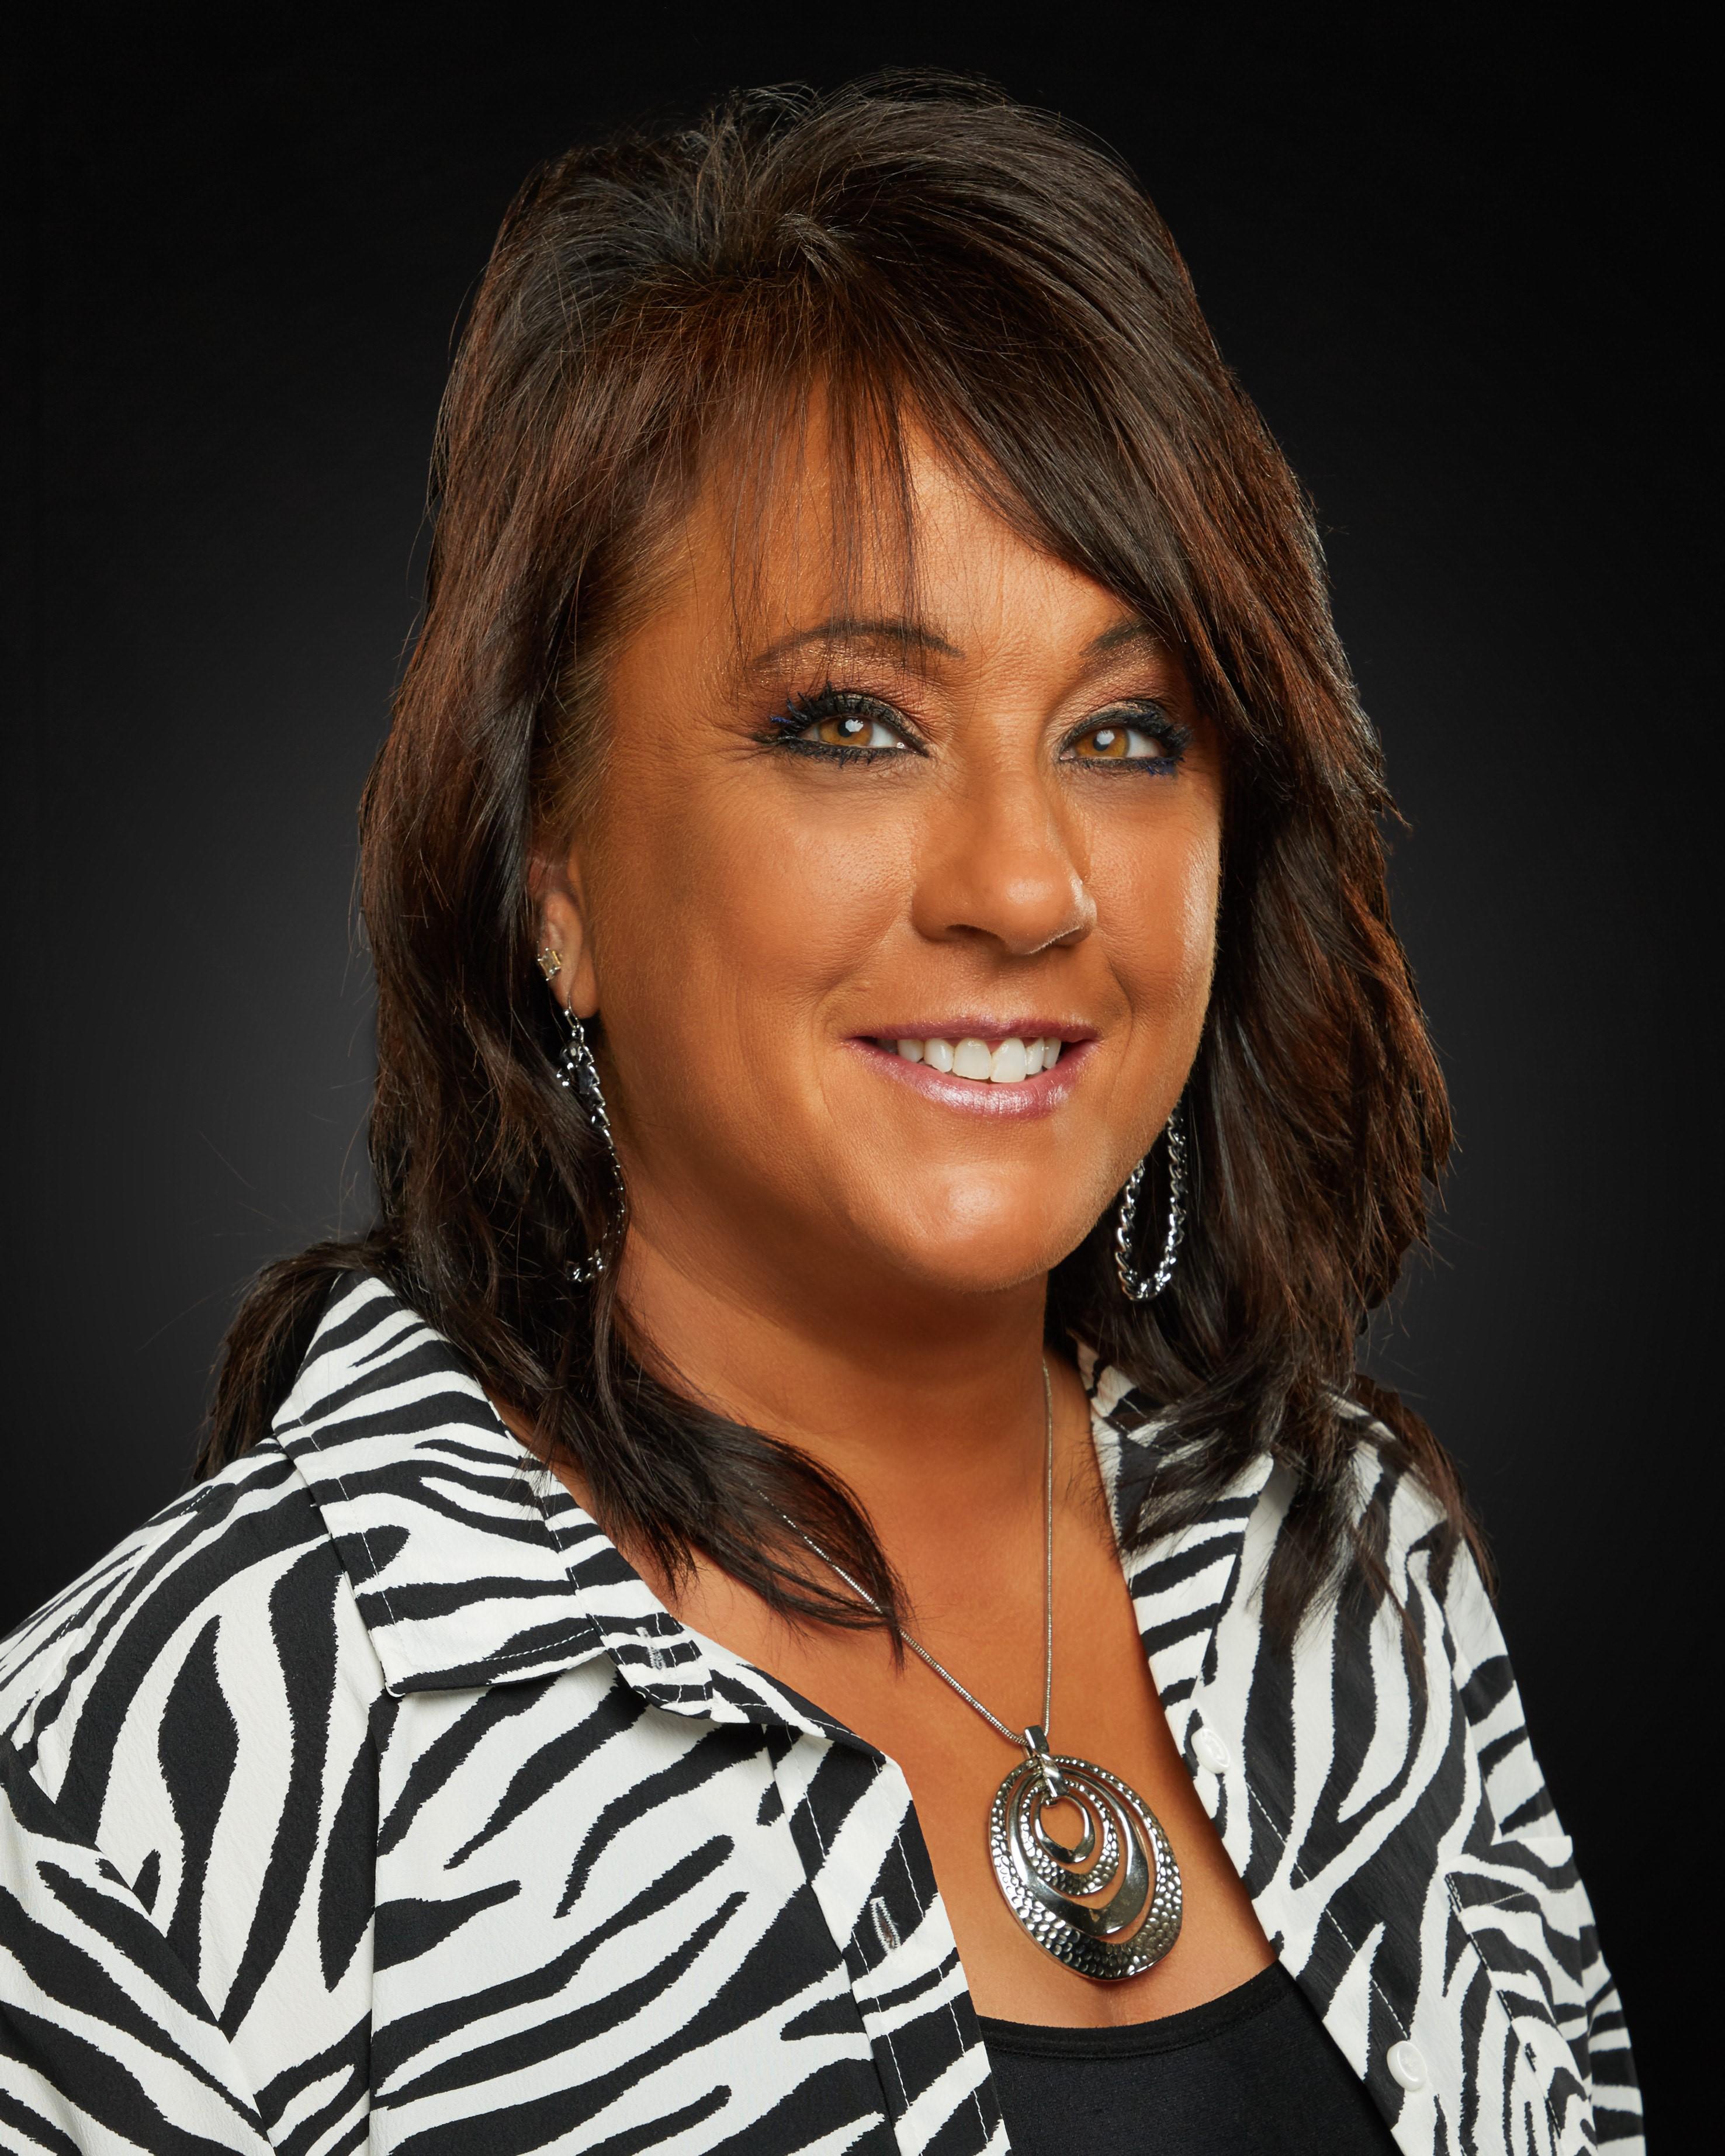 Cristina S. Miller